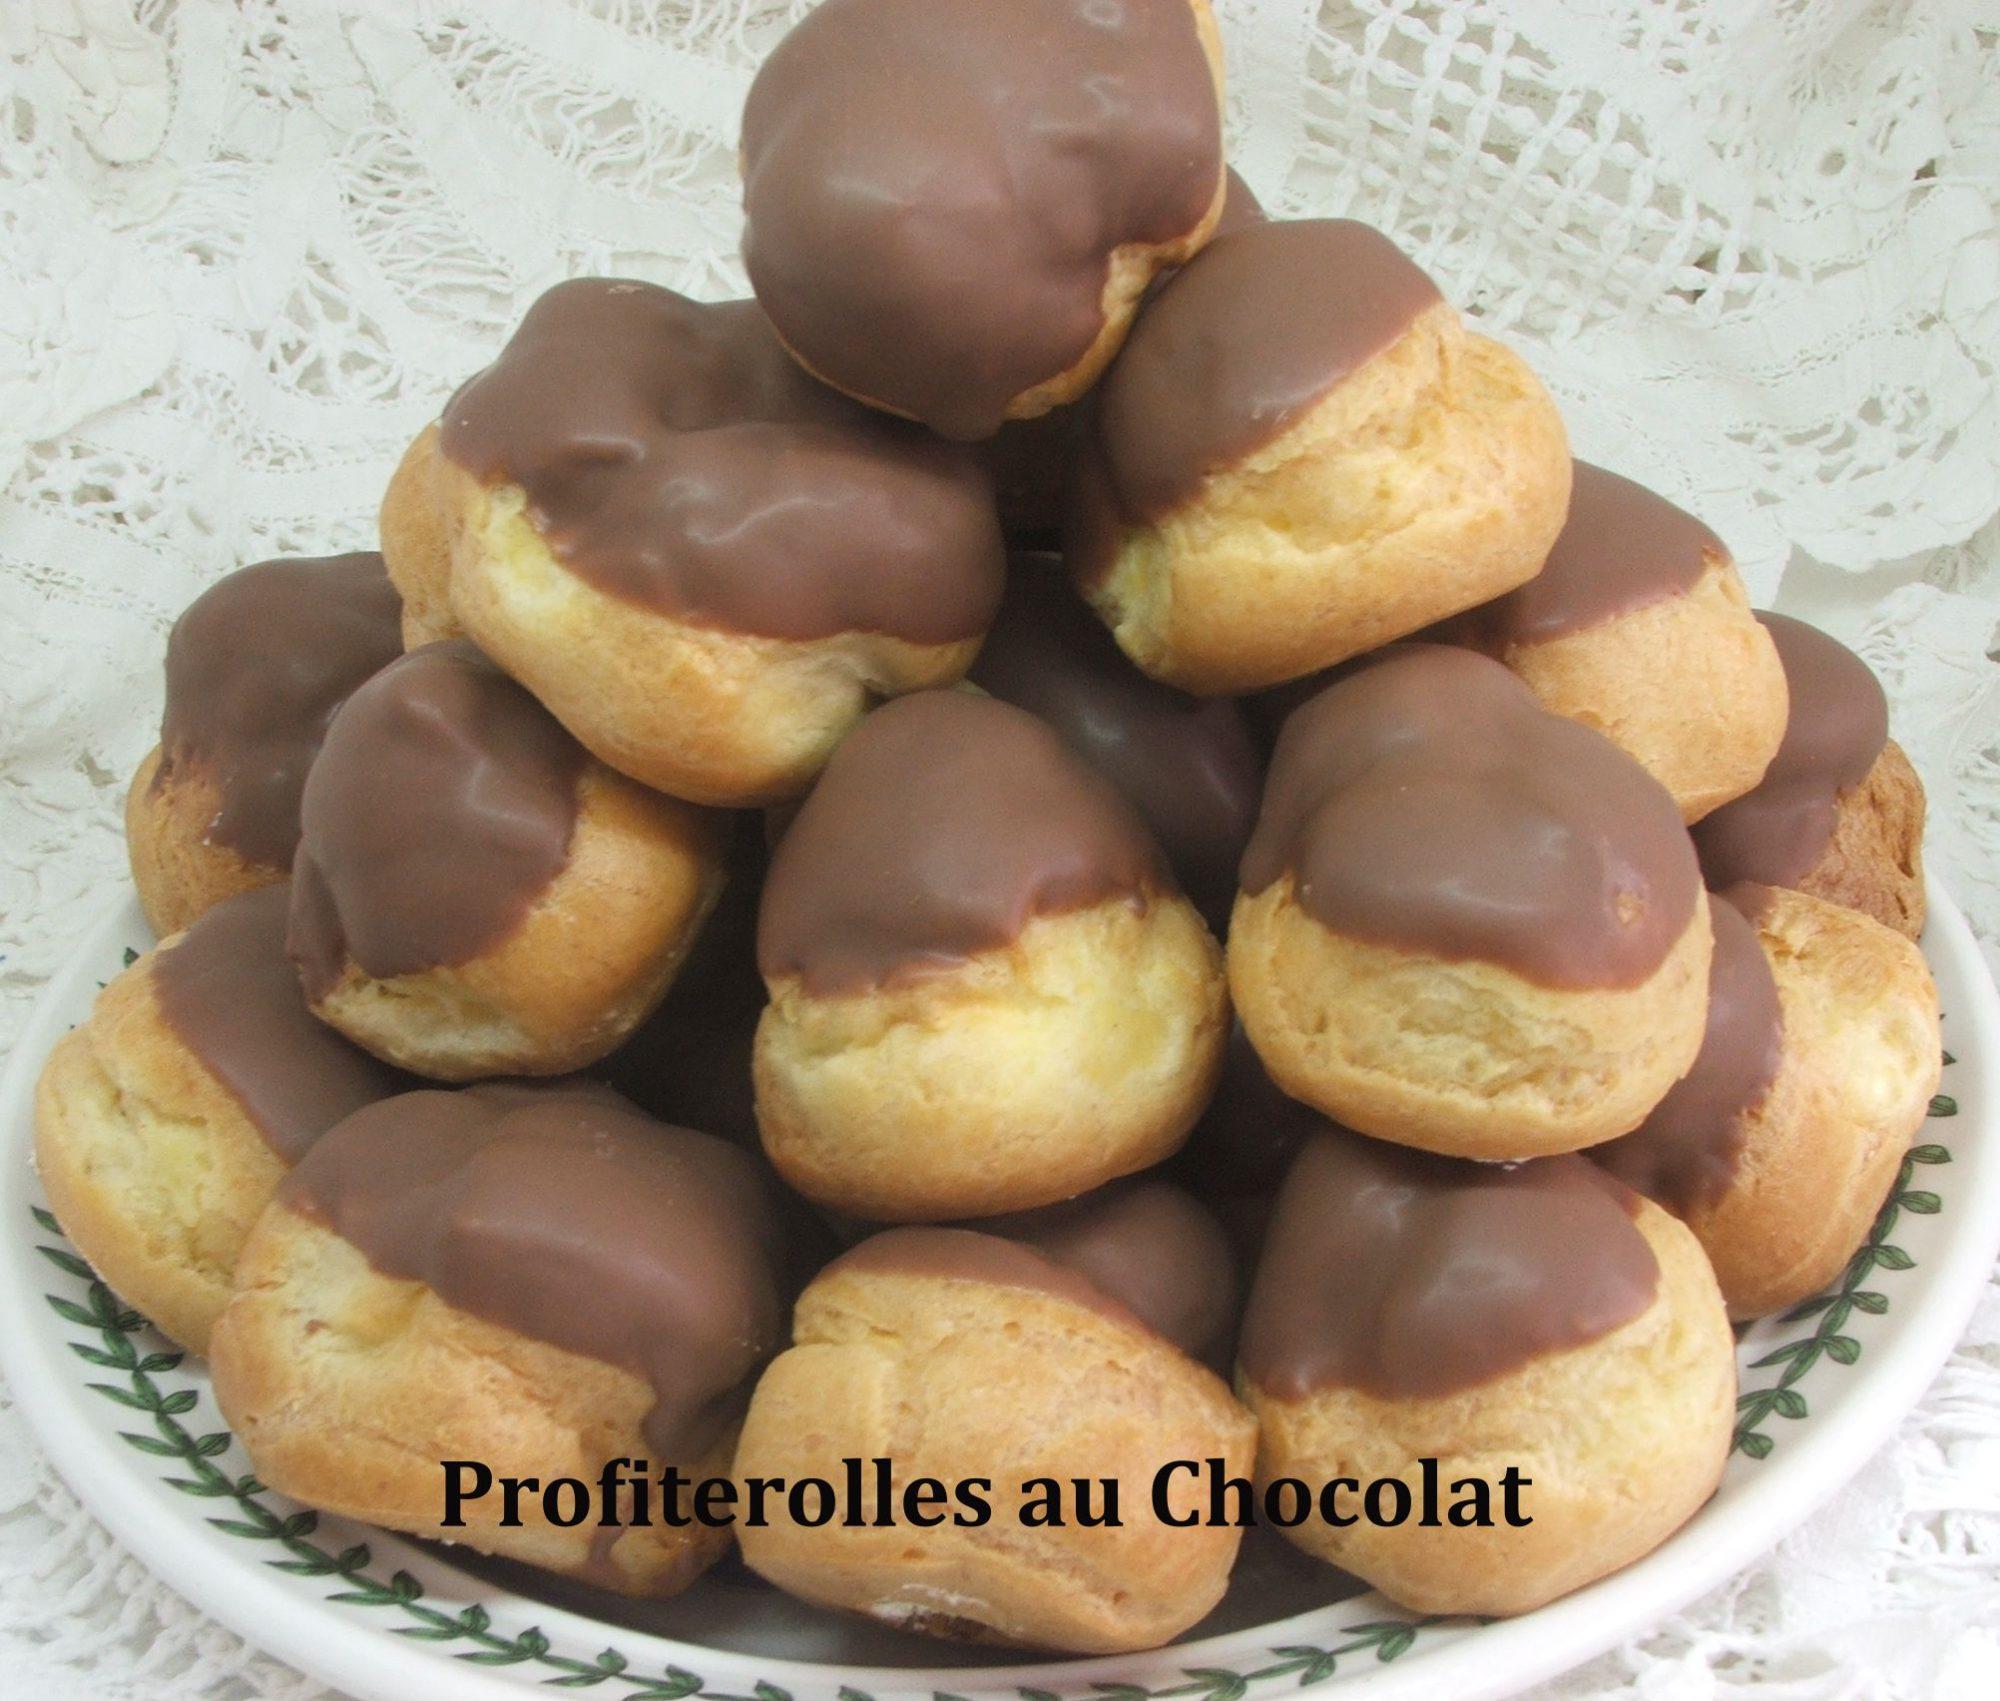 Profiterolles au Chocolat